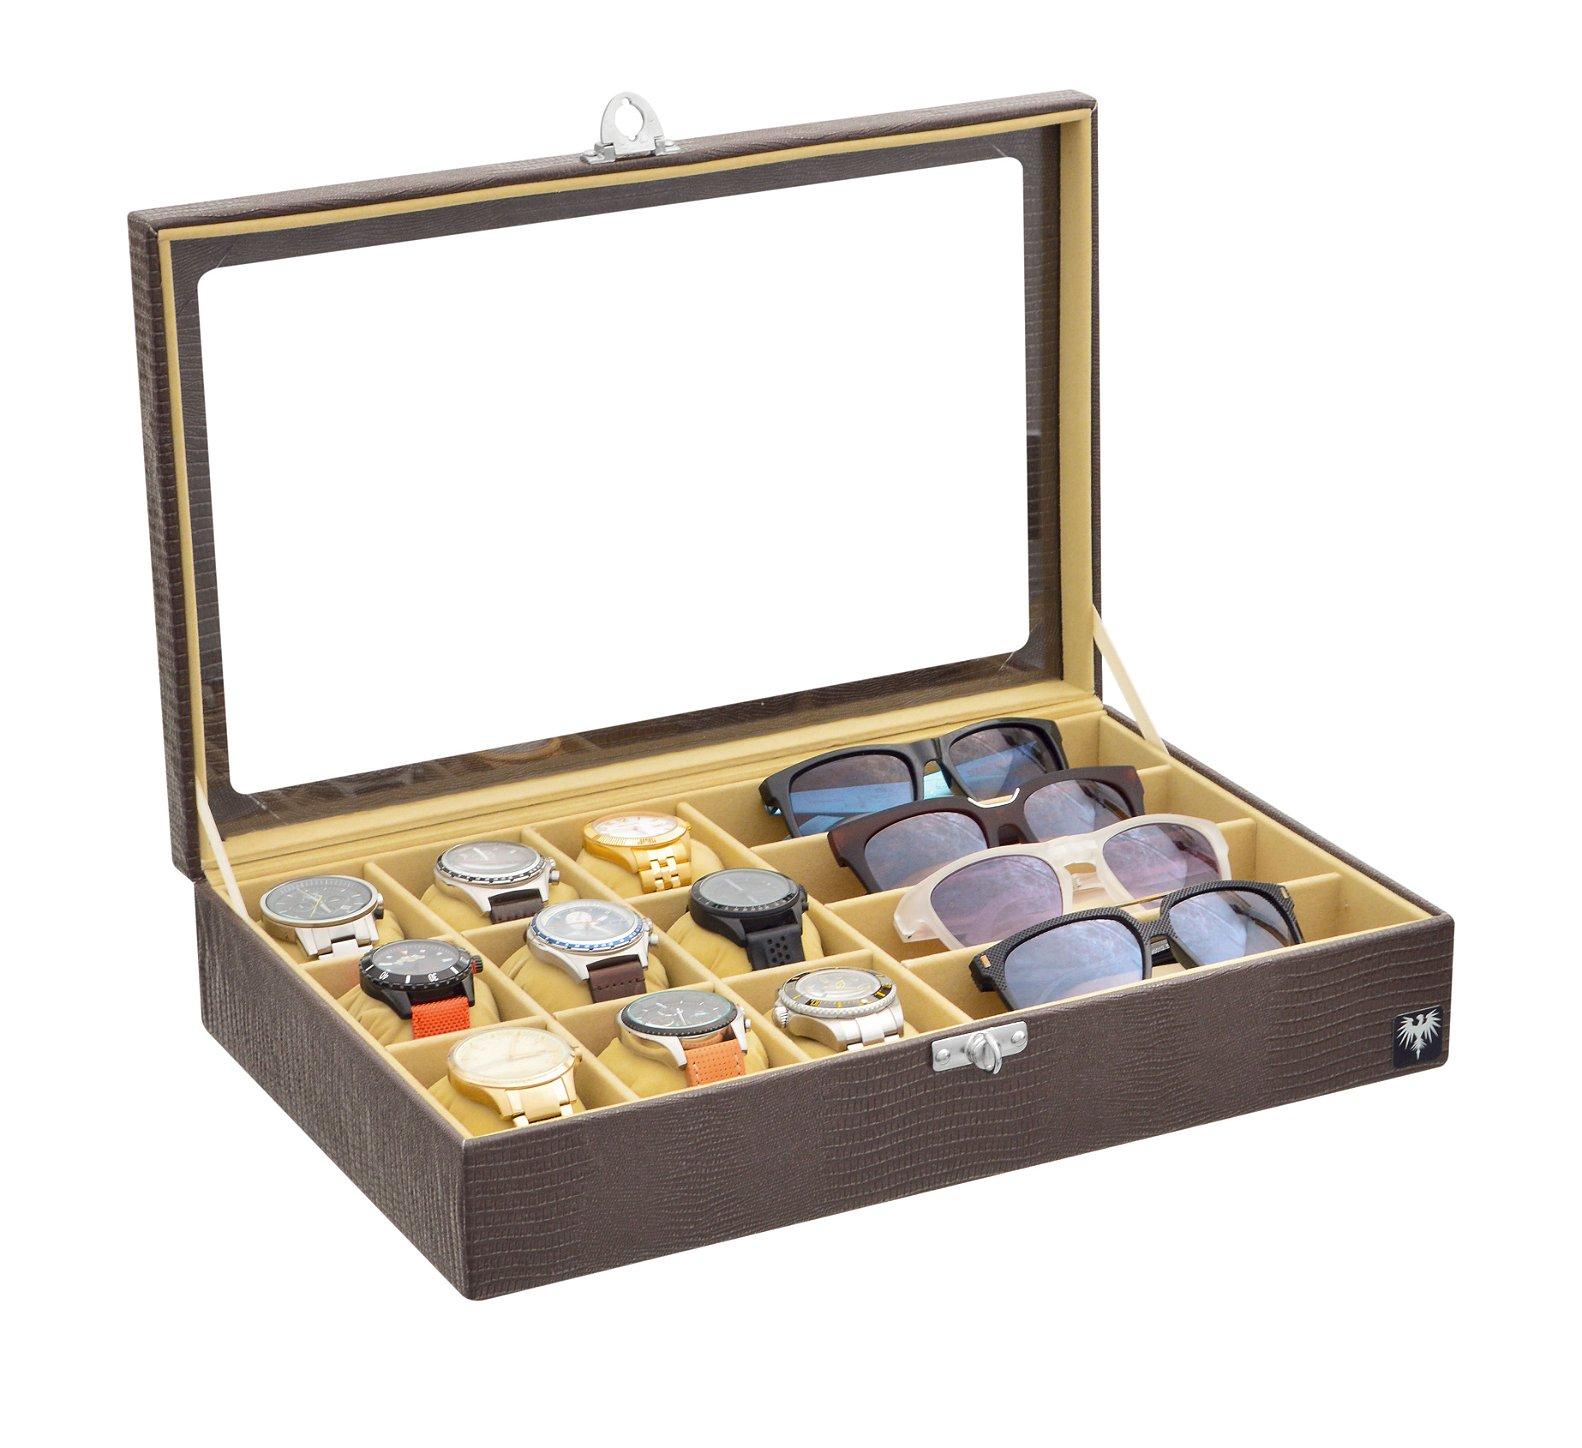 estojo-couro-eco-9-relogios-4-oculos-marrom-bege-porta-caixa-imagem-4.jpg